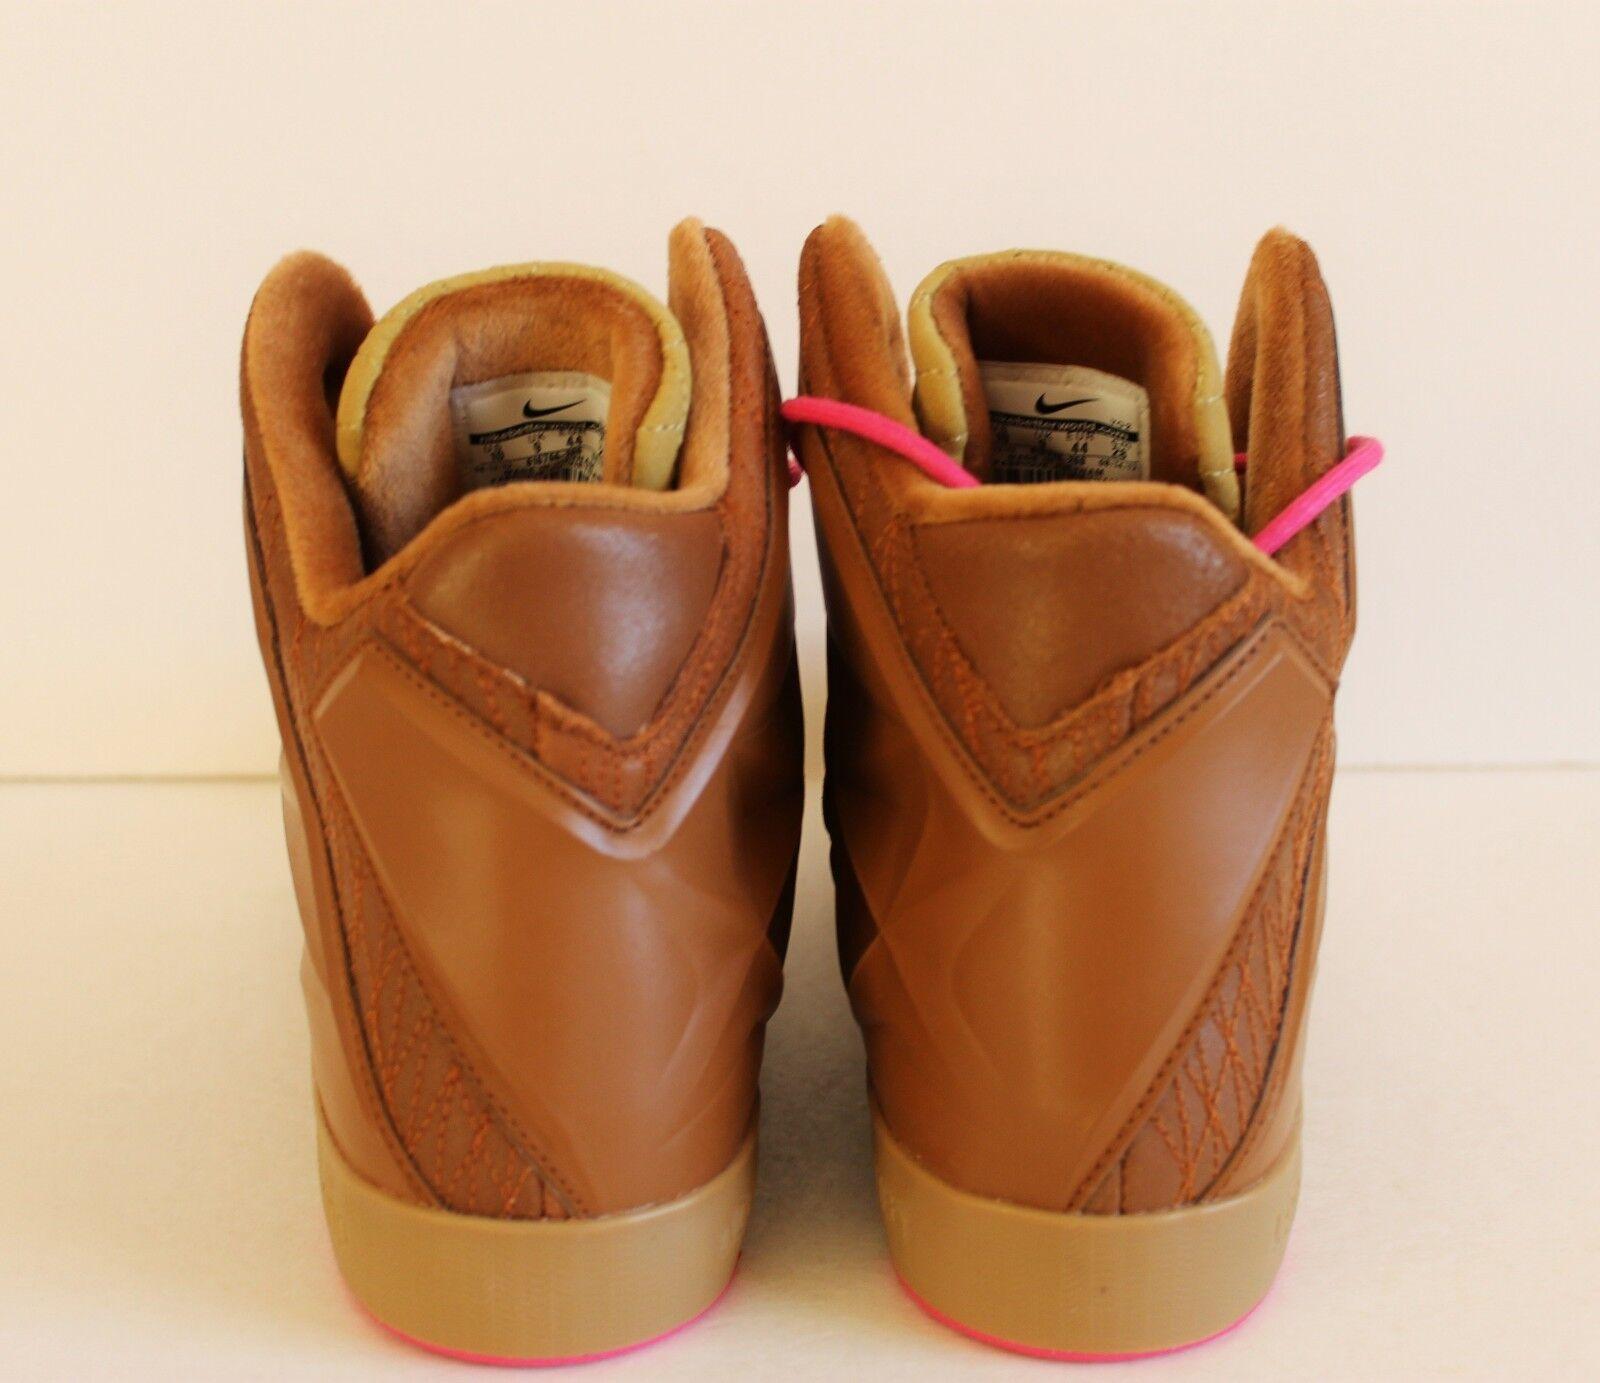 Nike Lunartempo Donne   705462 Da Corsa 705462  100 Dimensioni 6 Bianco / Nero / Volt / Aqua Pennino 9c57eb